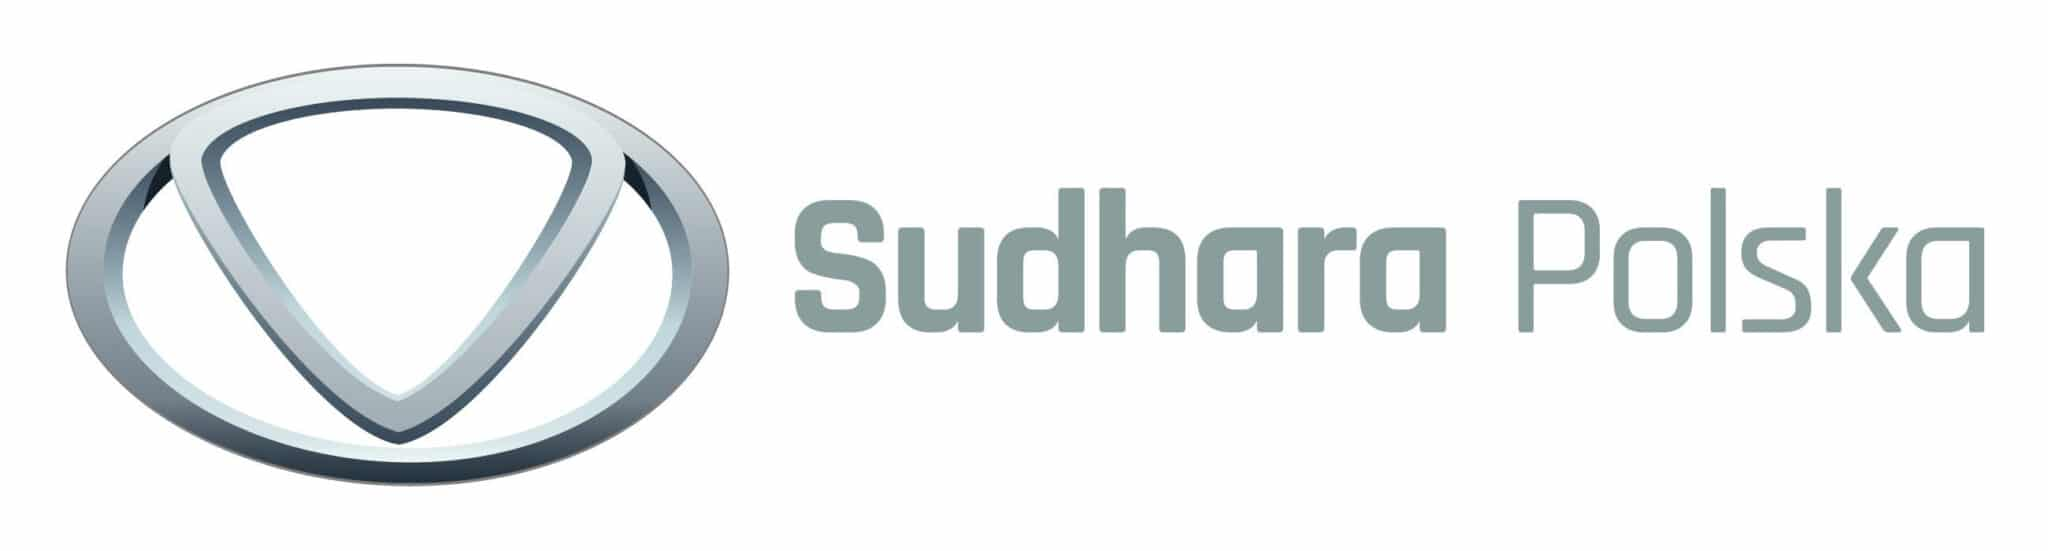 Sudhara Polska